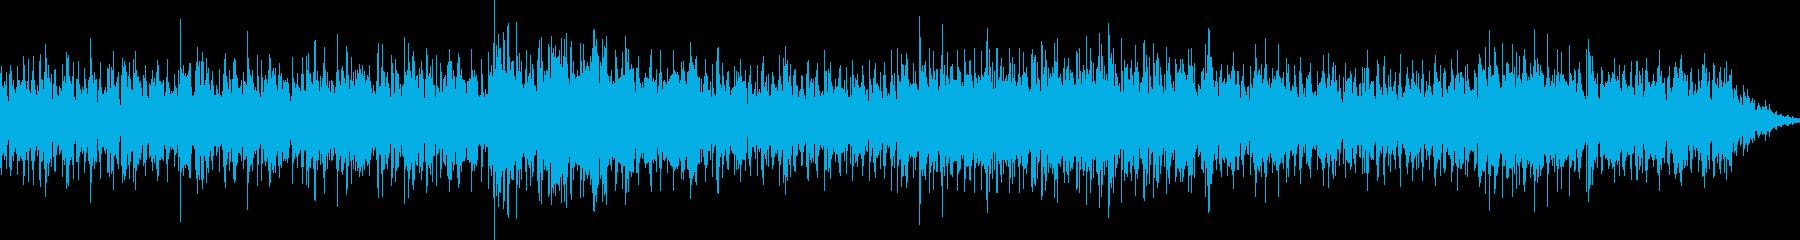 トリプレット。 60年代の音。の再生済みの波形